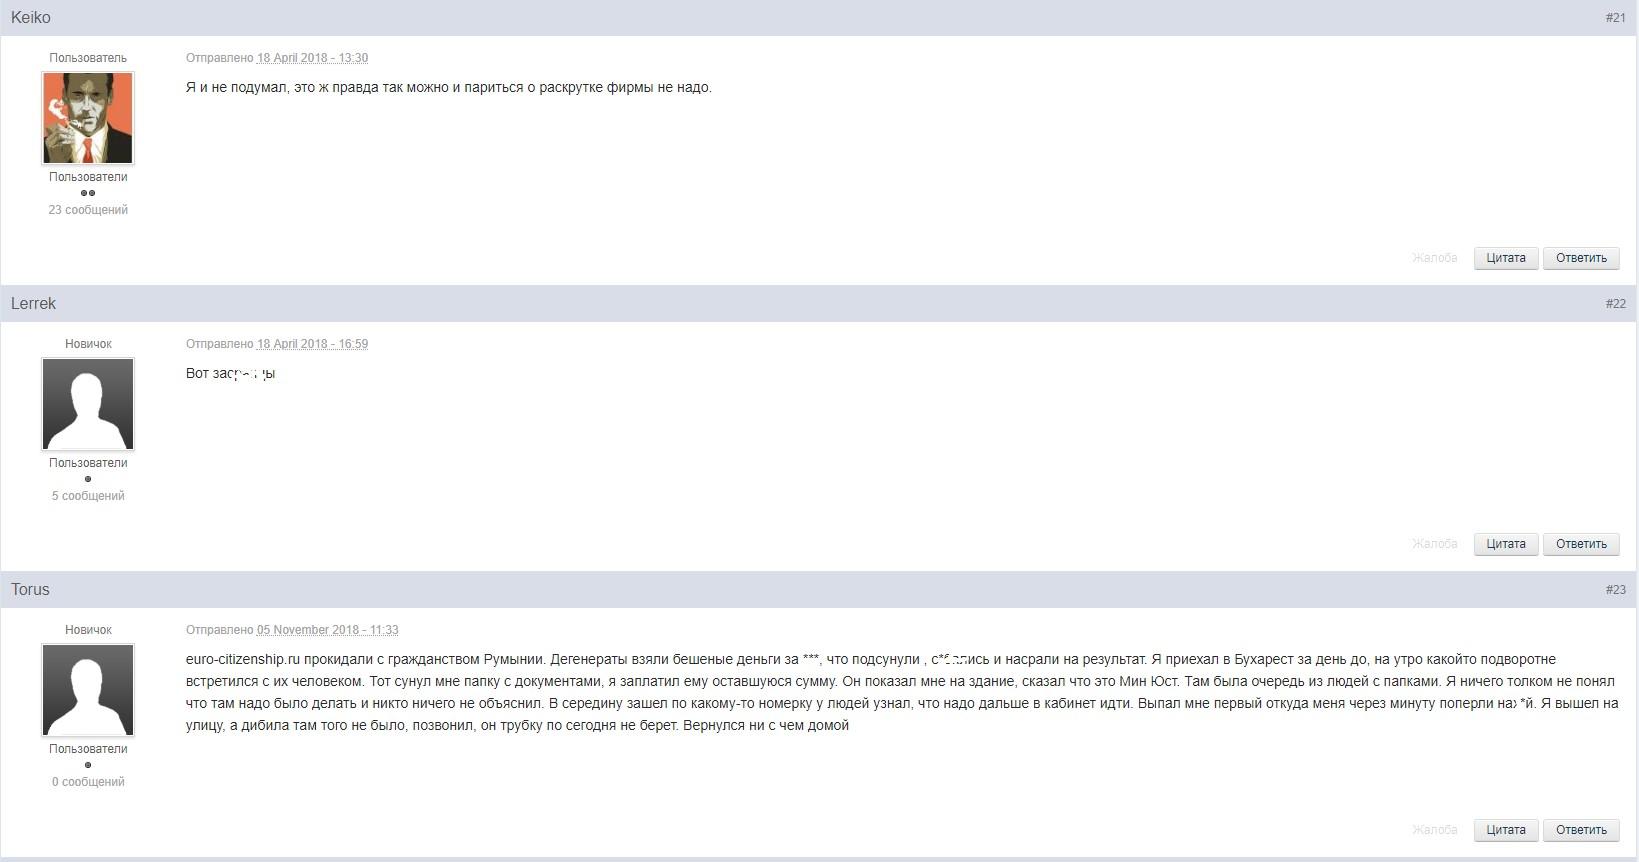 Отзыв о euro-citizenship на forum-eu.com